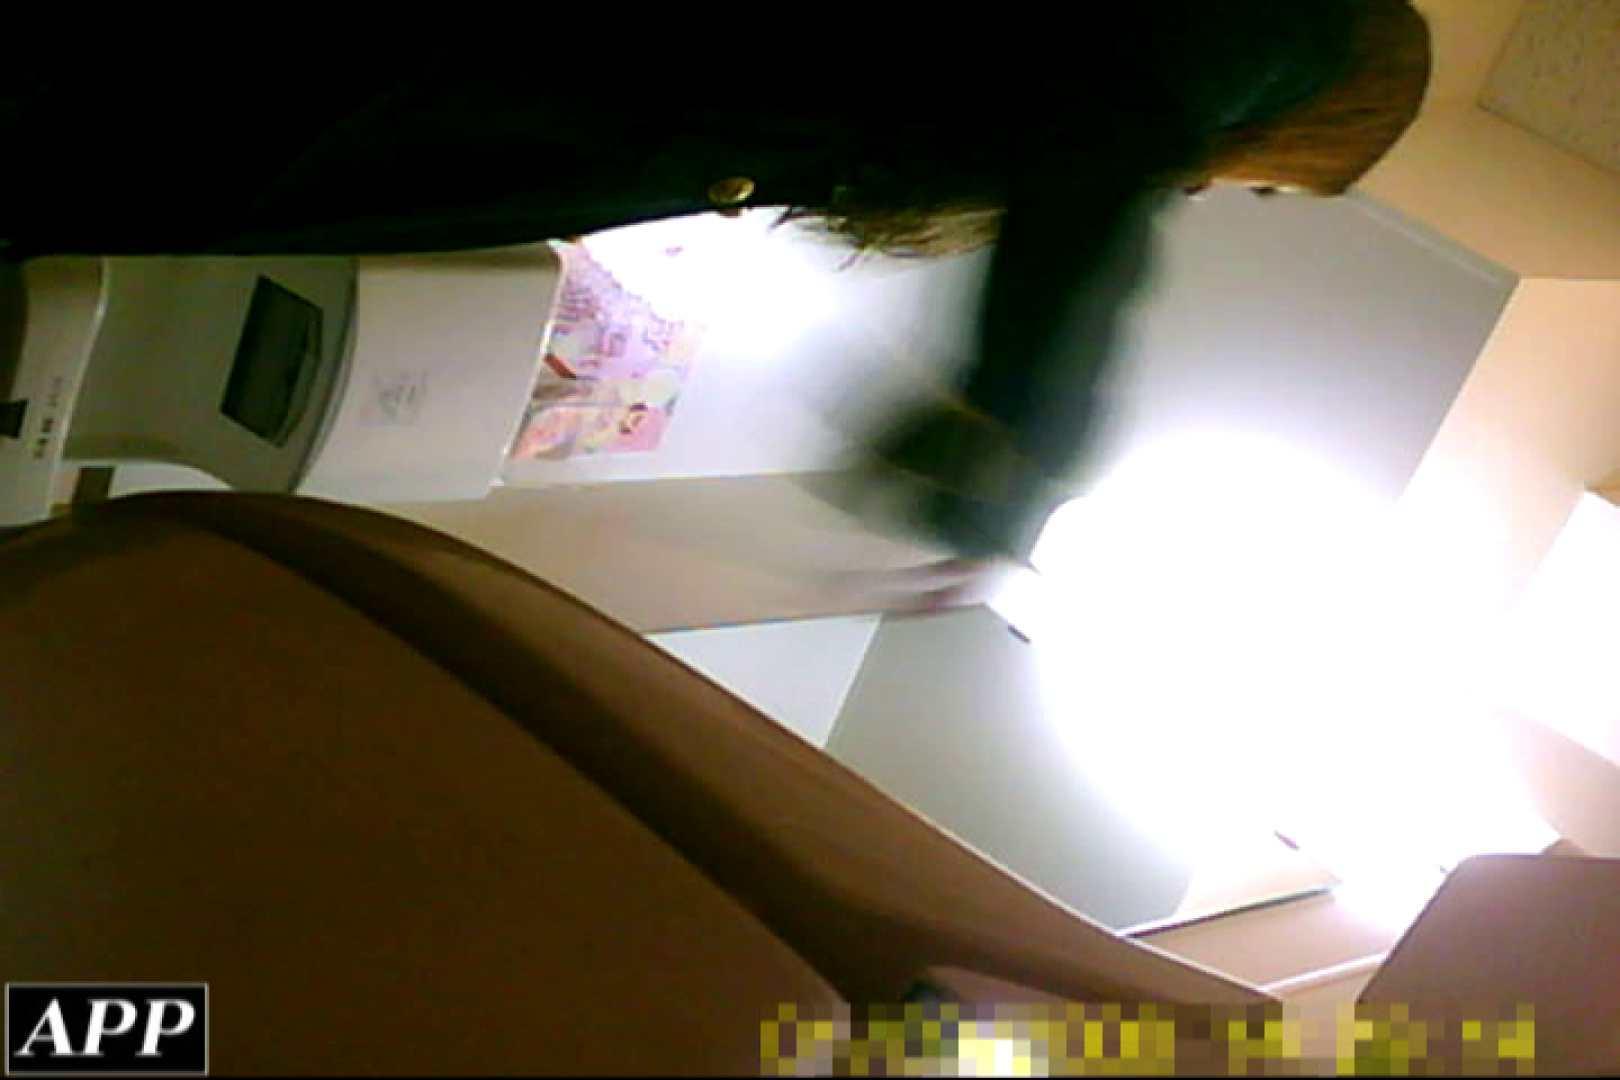 3視点洗面所 vol.147 マンコ無修正 のぞきエロ無料画像 83画像 28